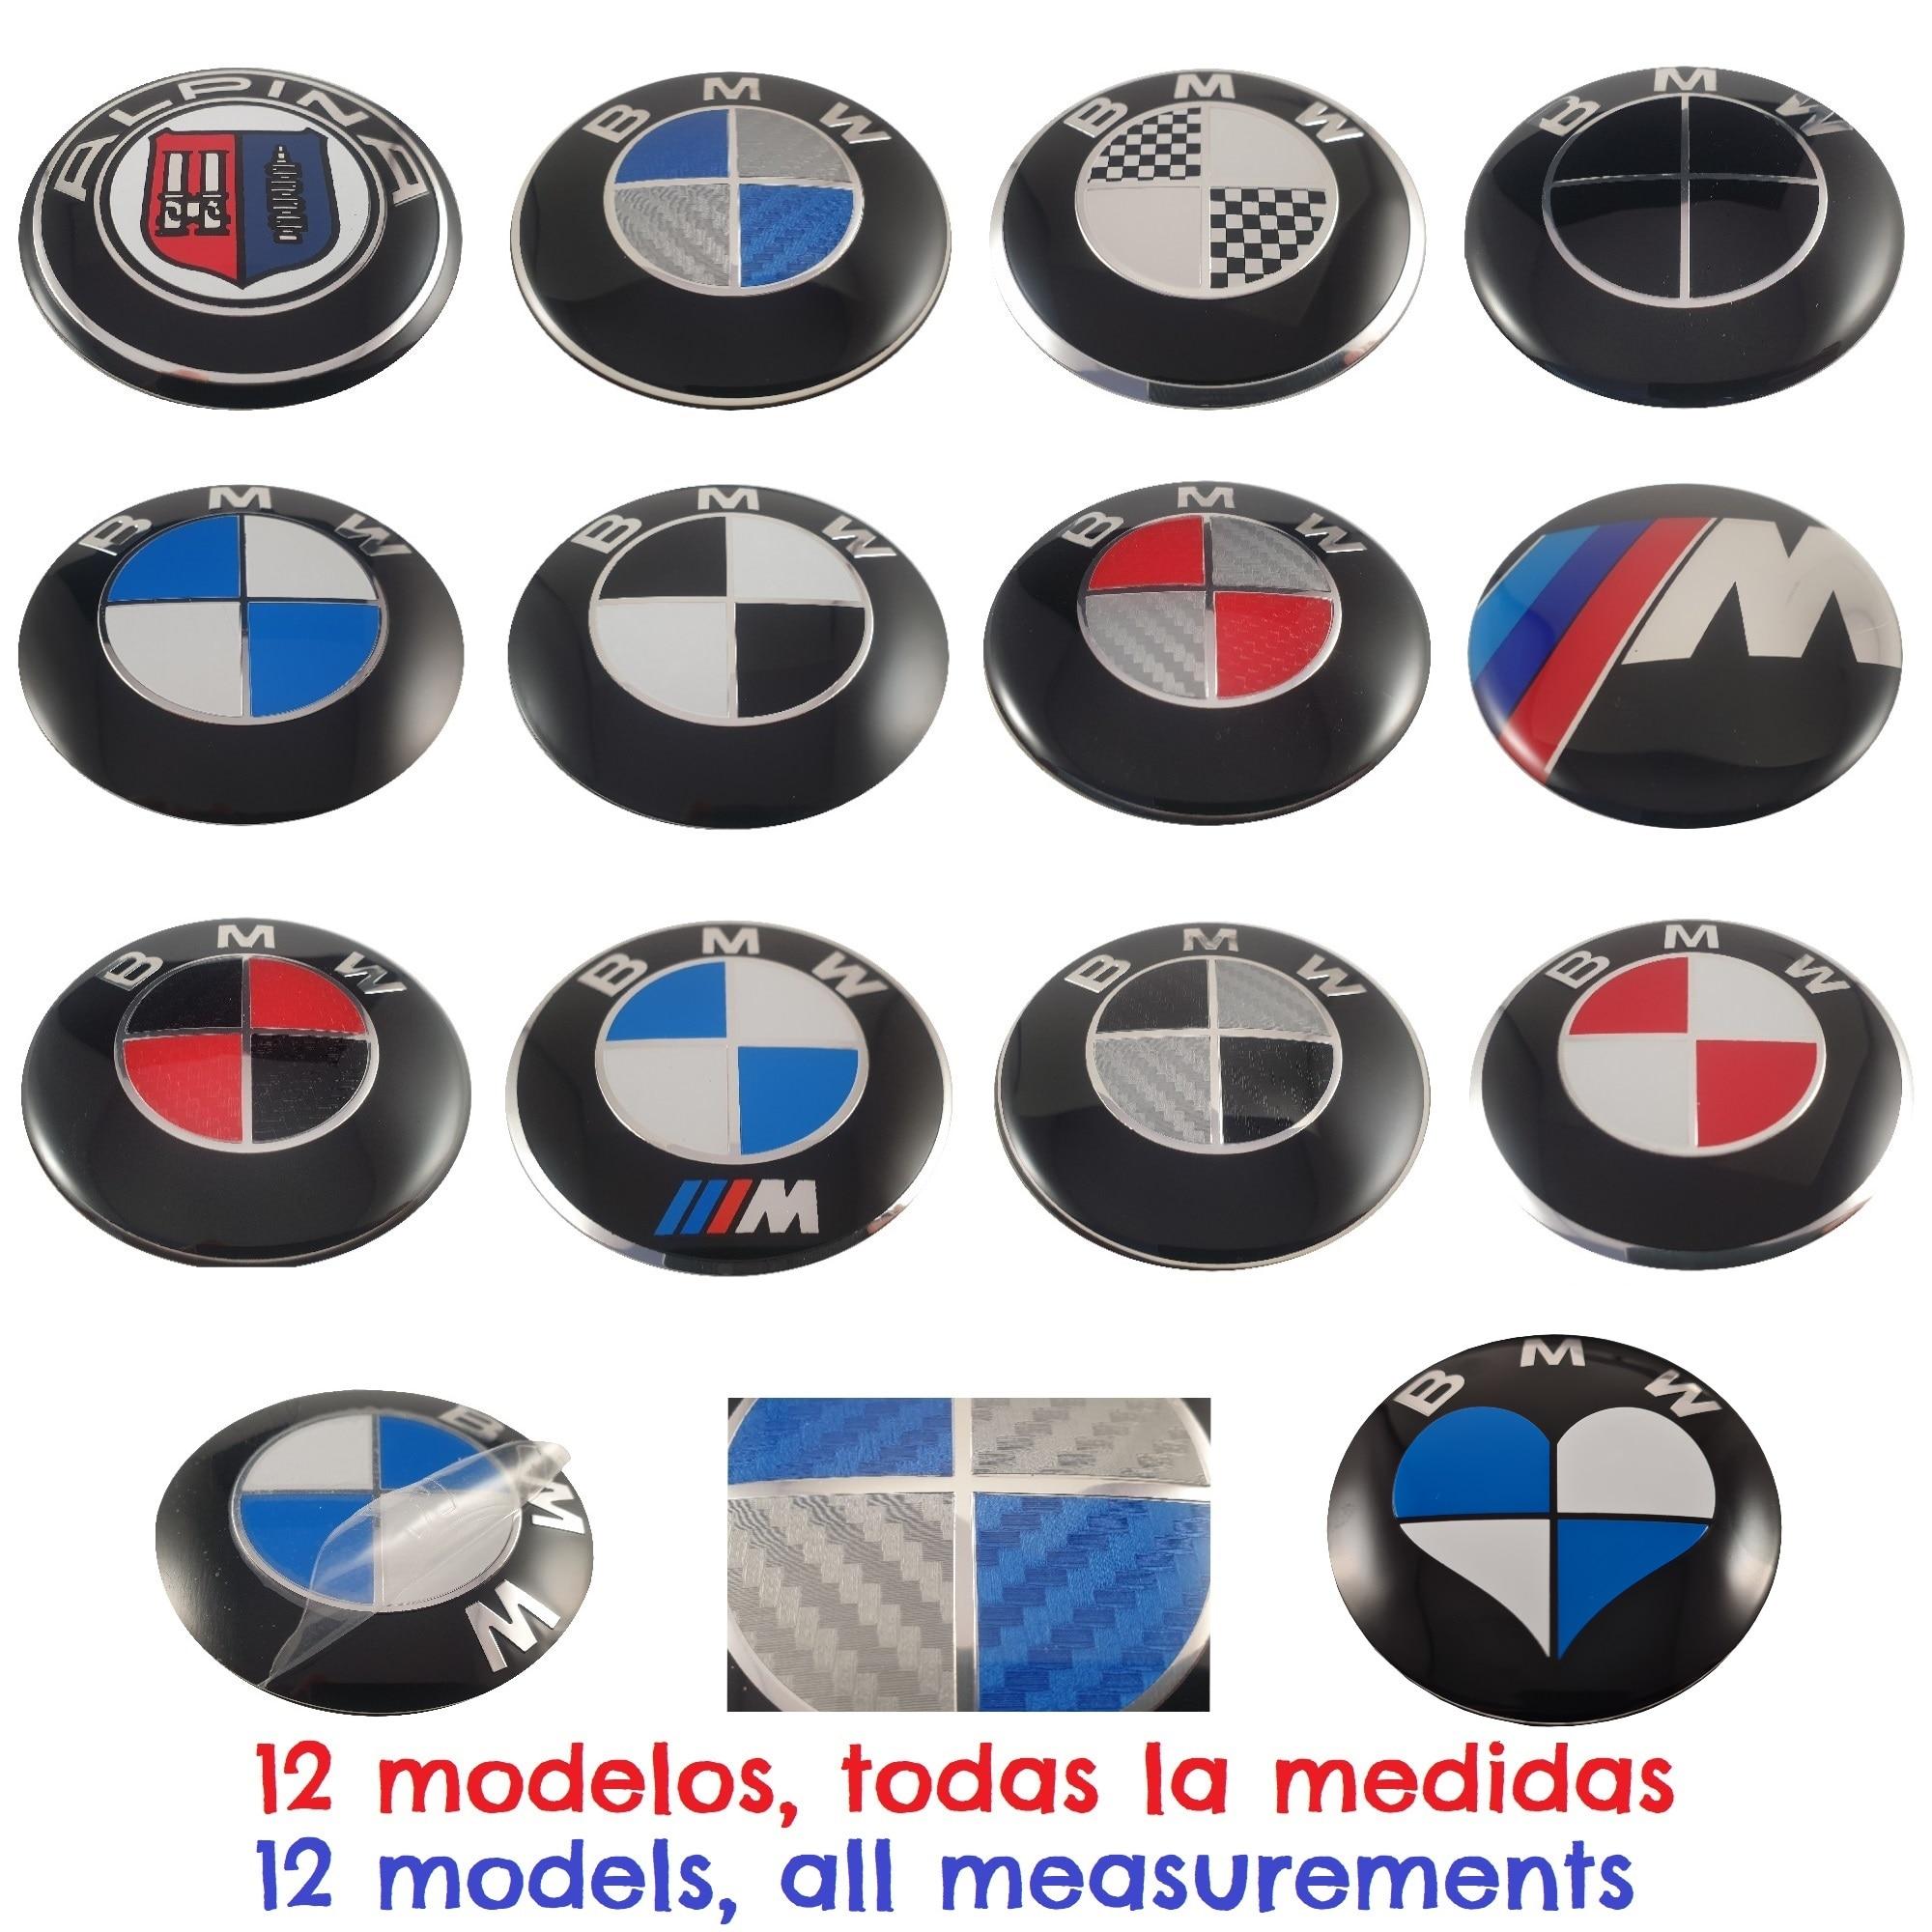 לוגו BMW תואם 82mm 78mm 74mm 68mm 45mm 11mm עבור רכב לוגו סמל רכב (לא מקורי BMW) aut016